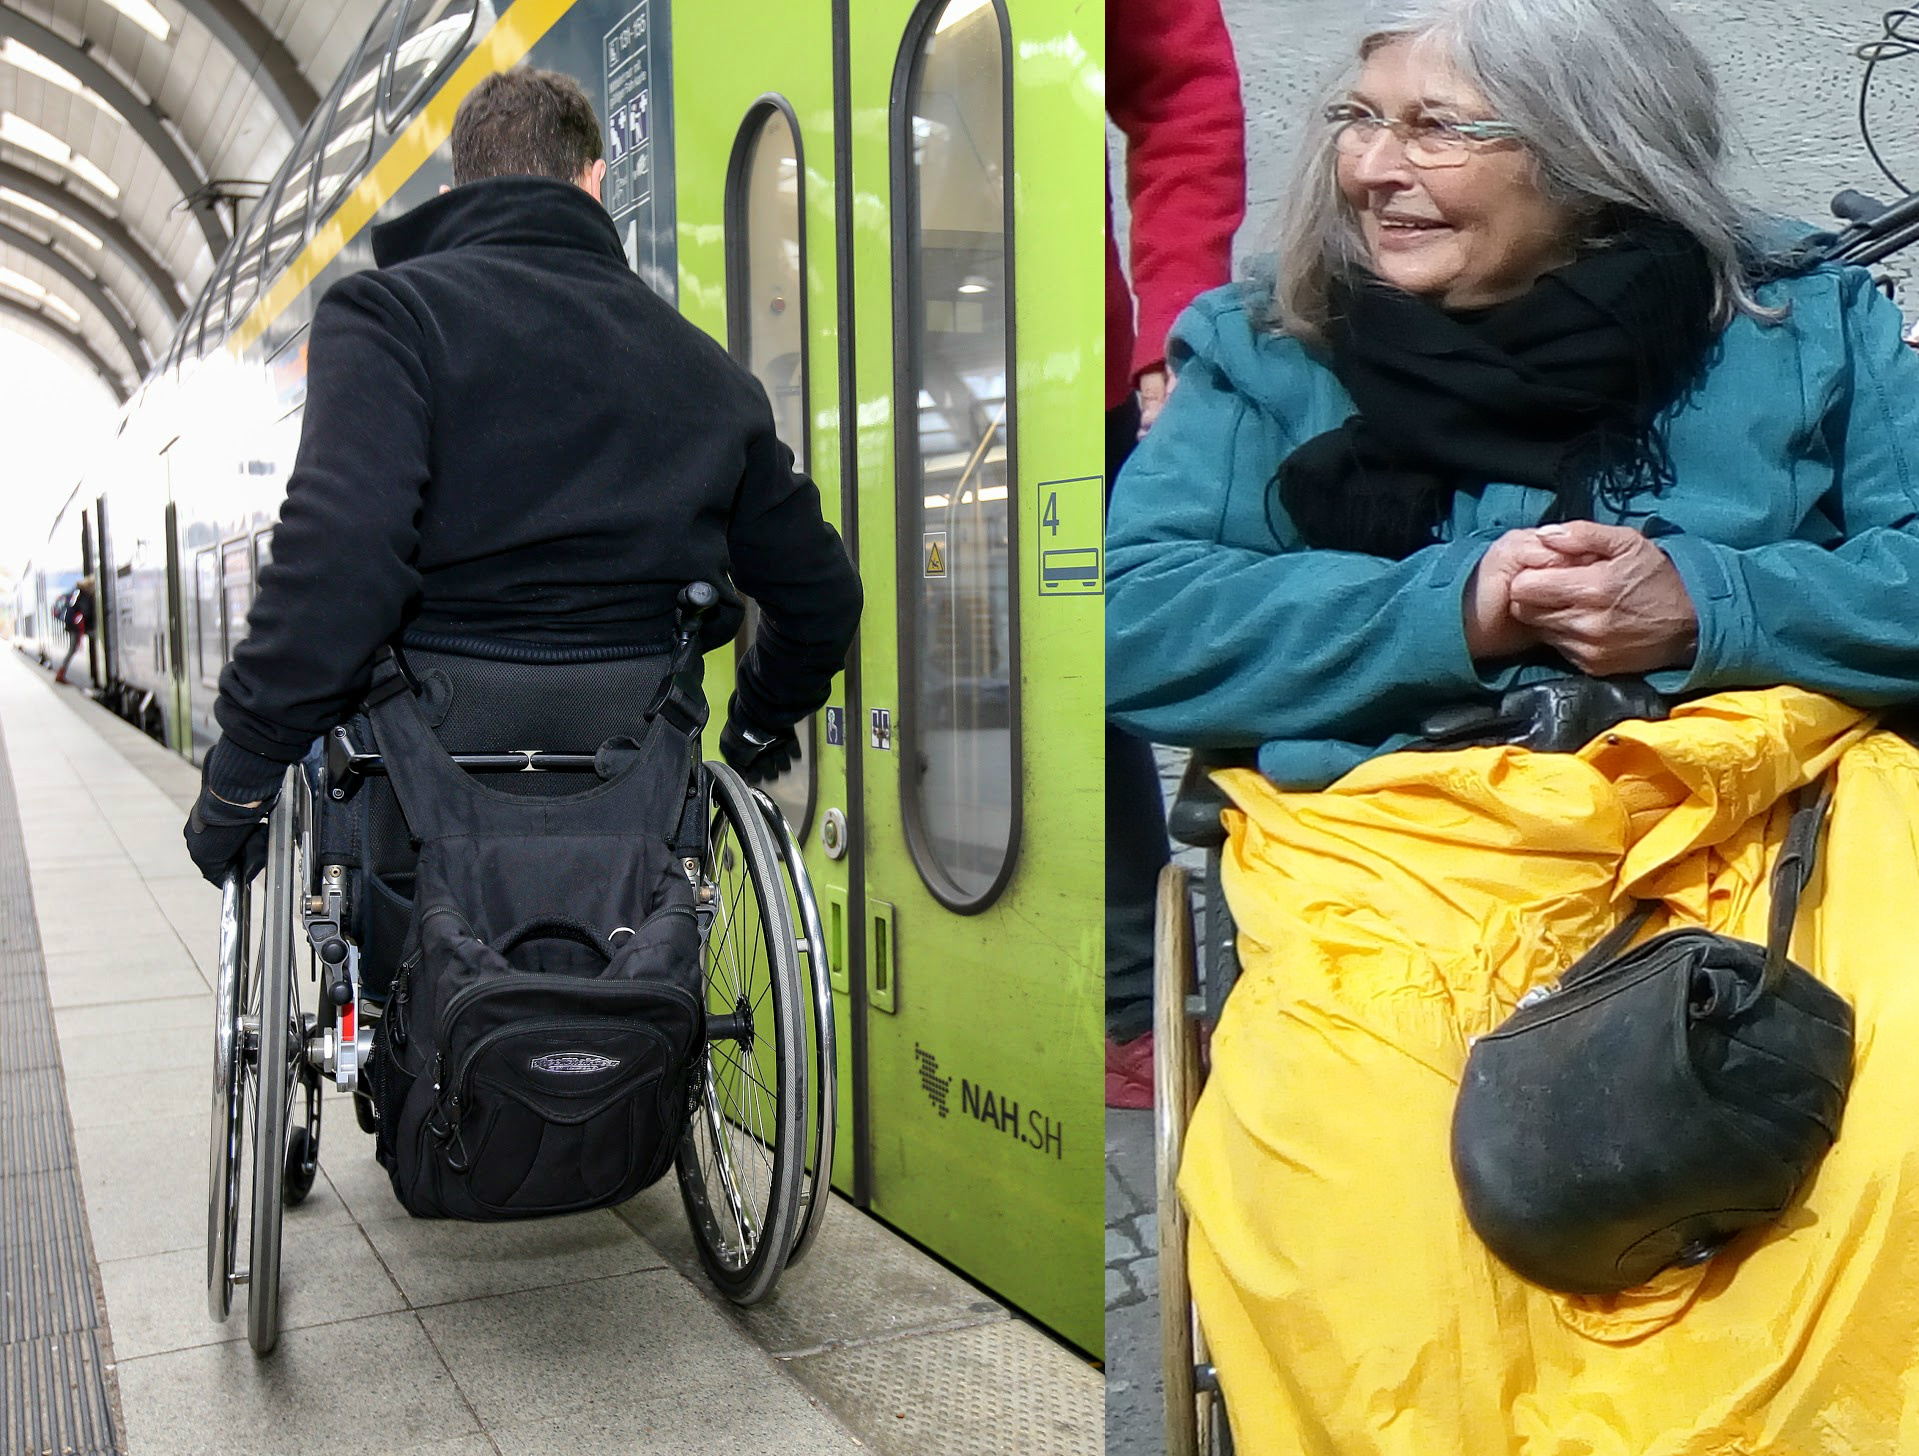 Rollinutzender Kay Macquarrie vor Regionalbahn; daneben Rollinutzende Gerda Behrends